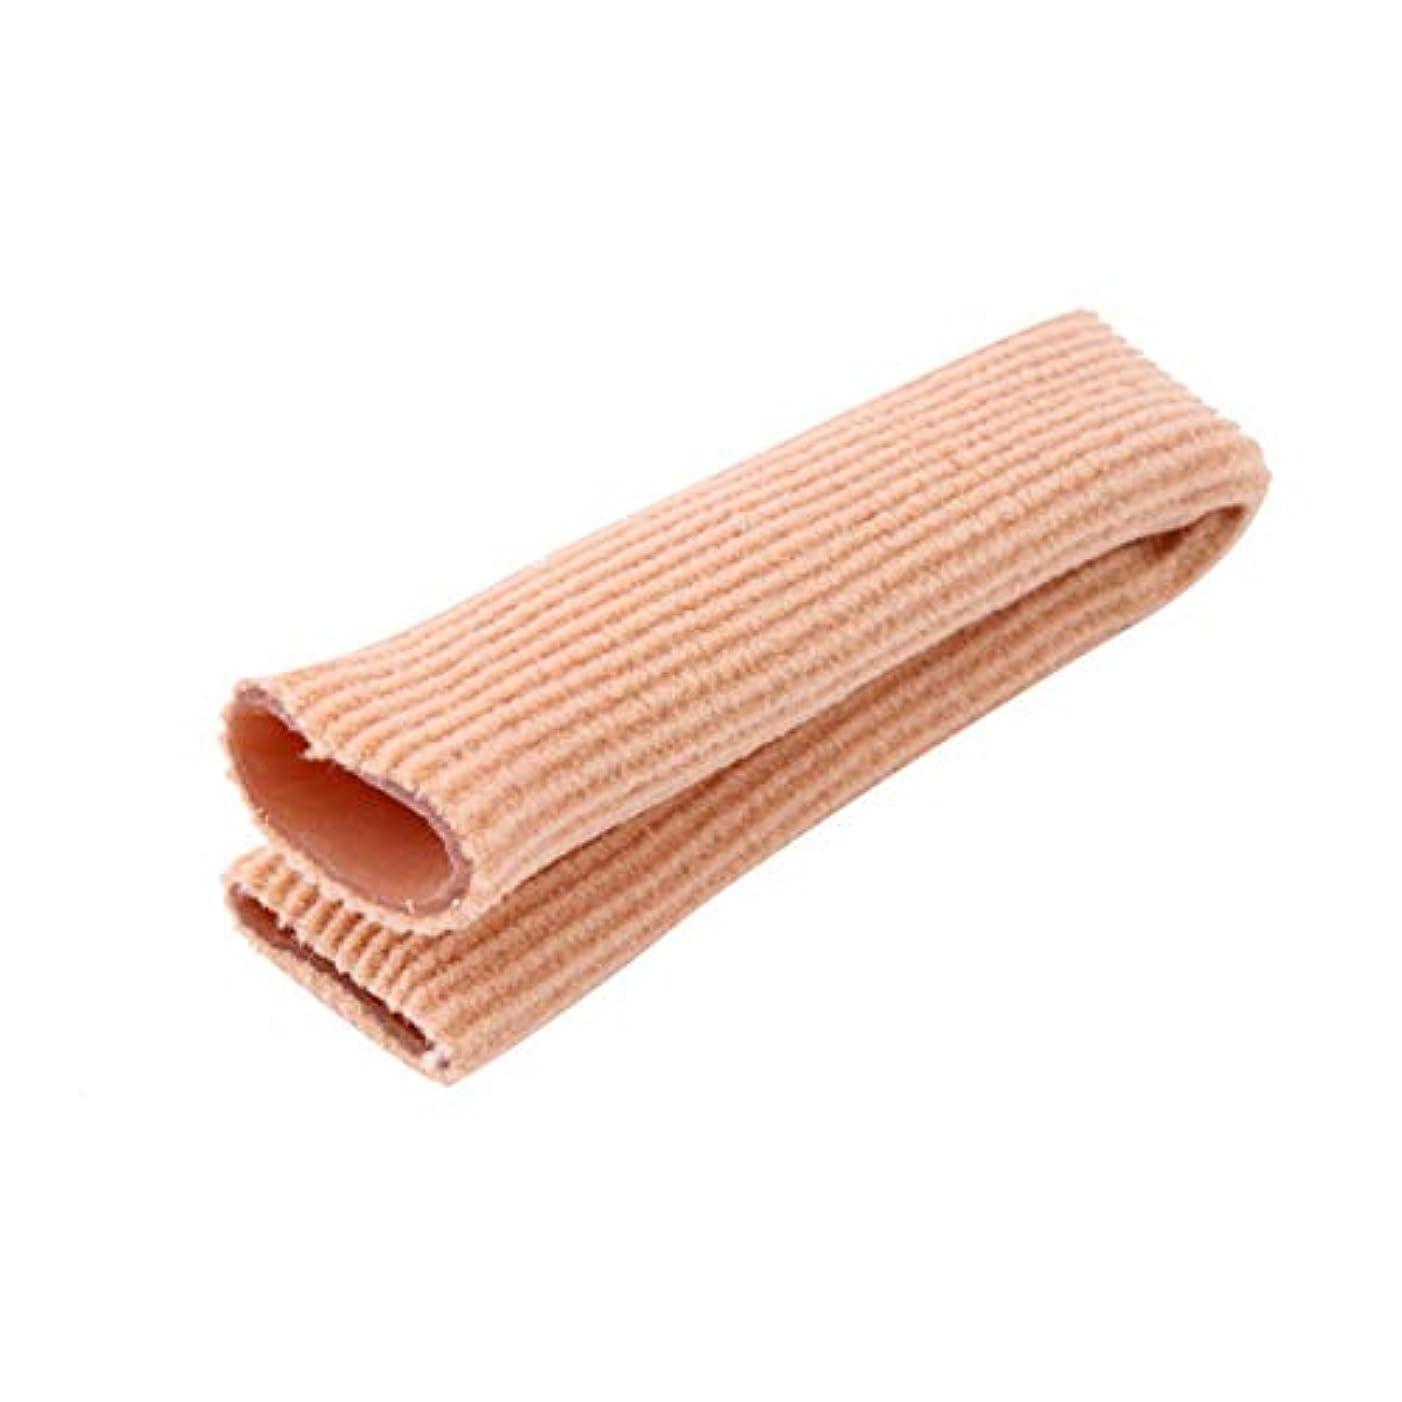 橋最終後継ファブリックジェルチューブ包帯フィンガー&トゥ保護フットフィート痛み緩和フィートケア用インソール15CMフィートガード